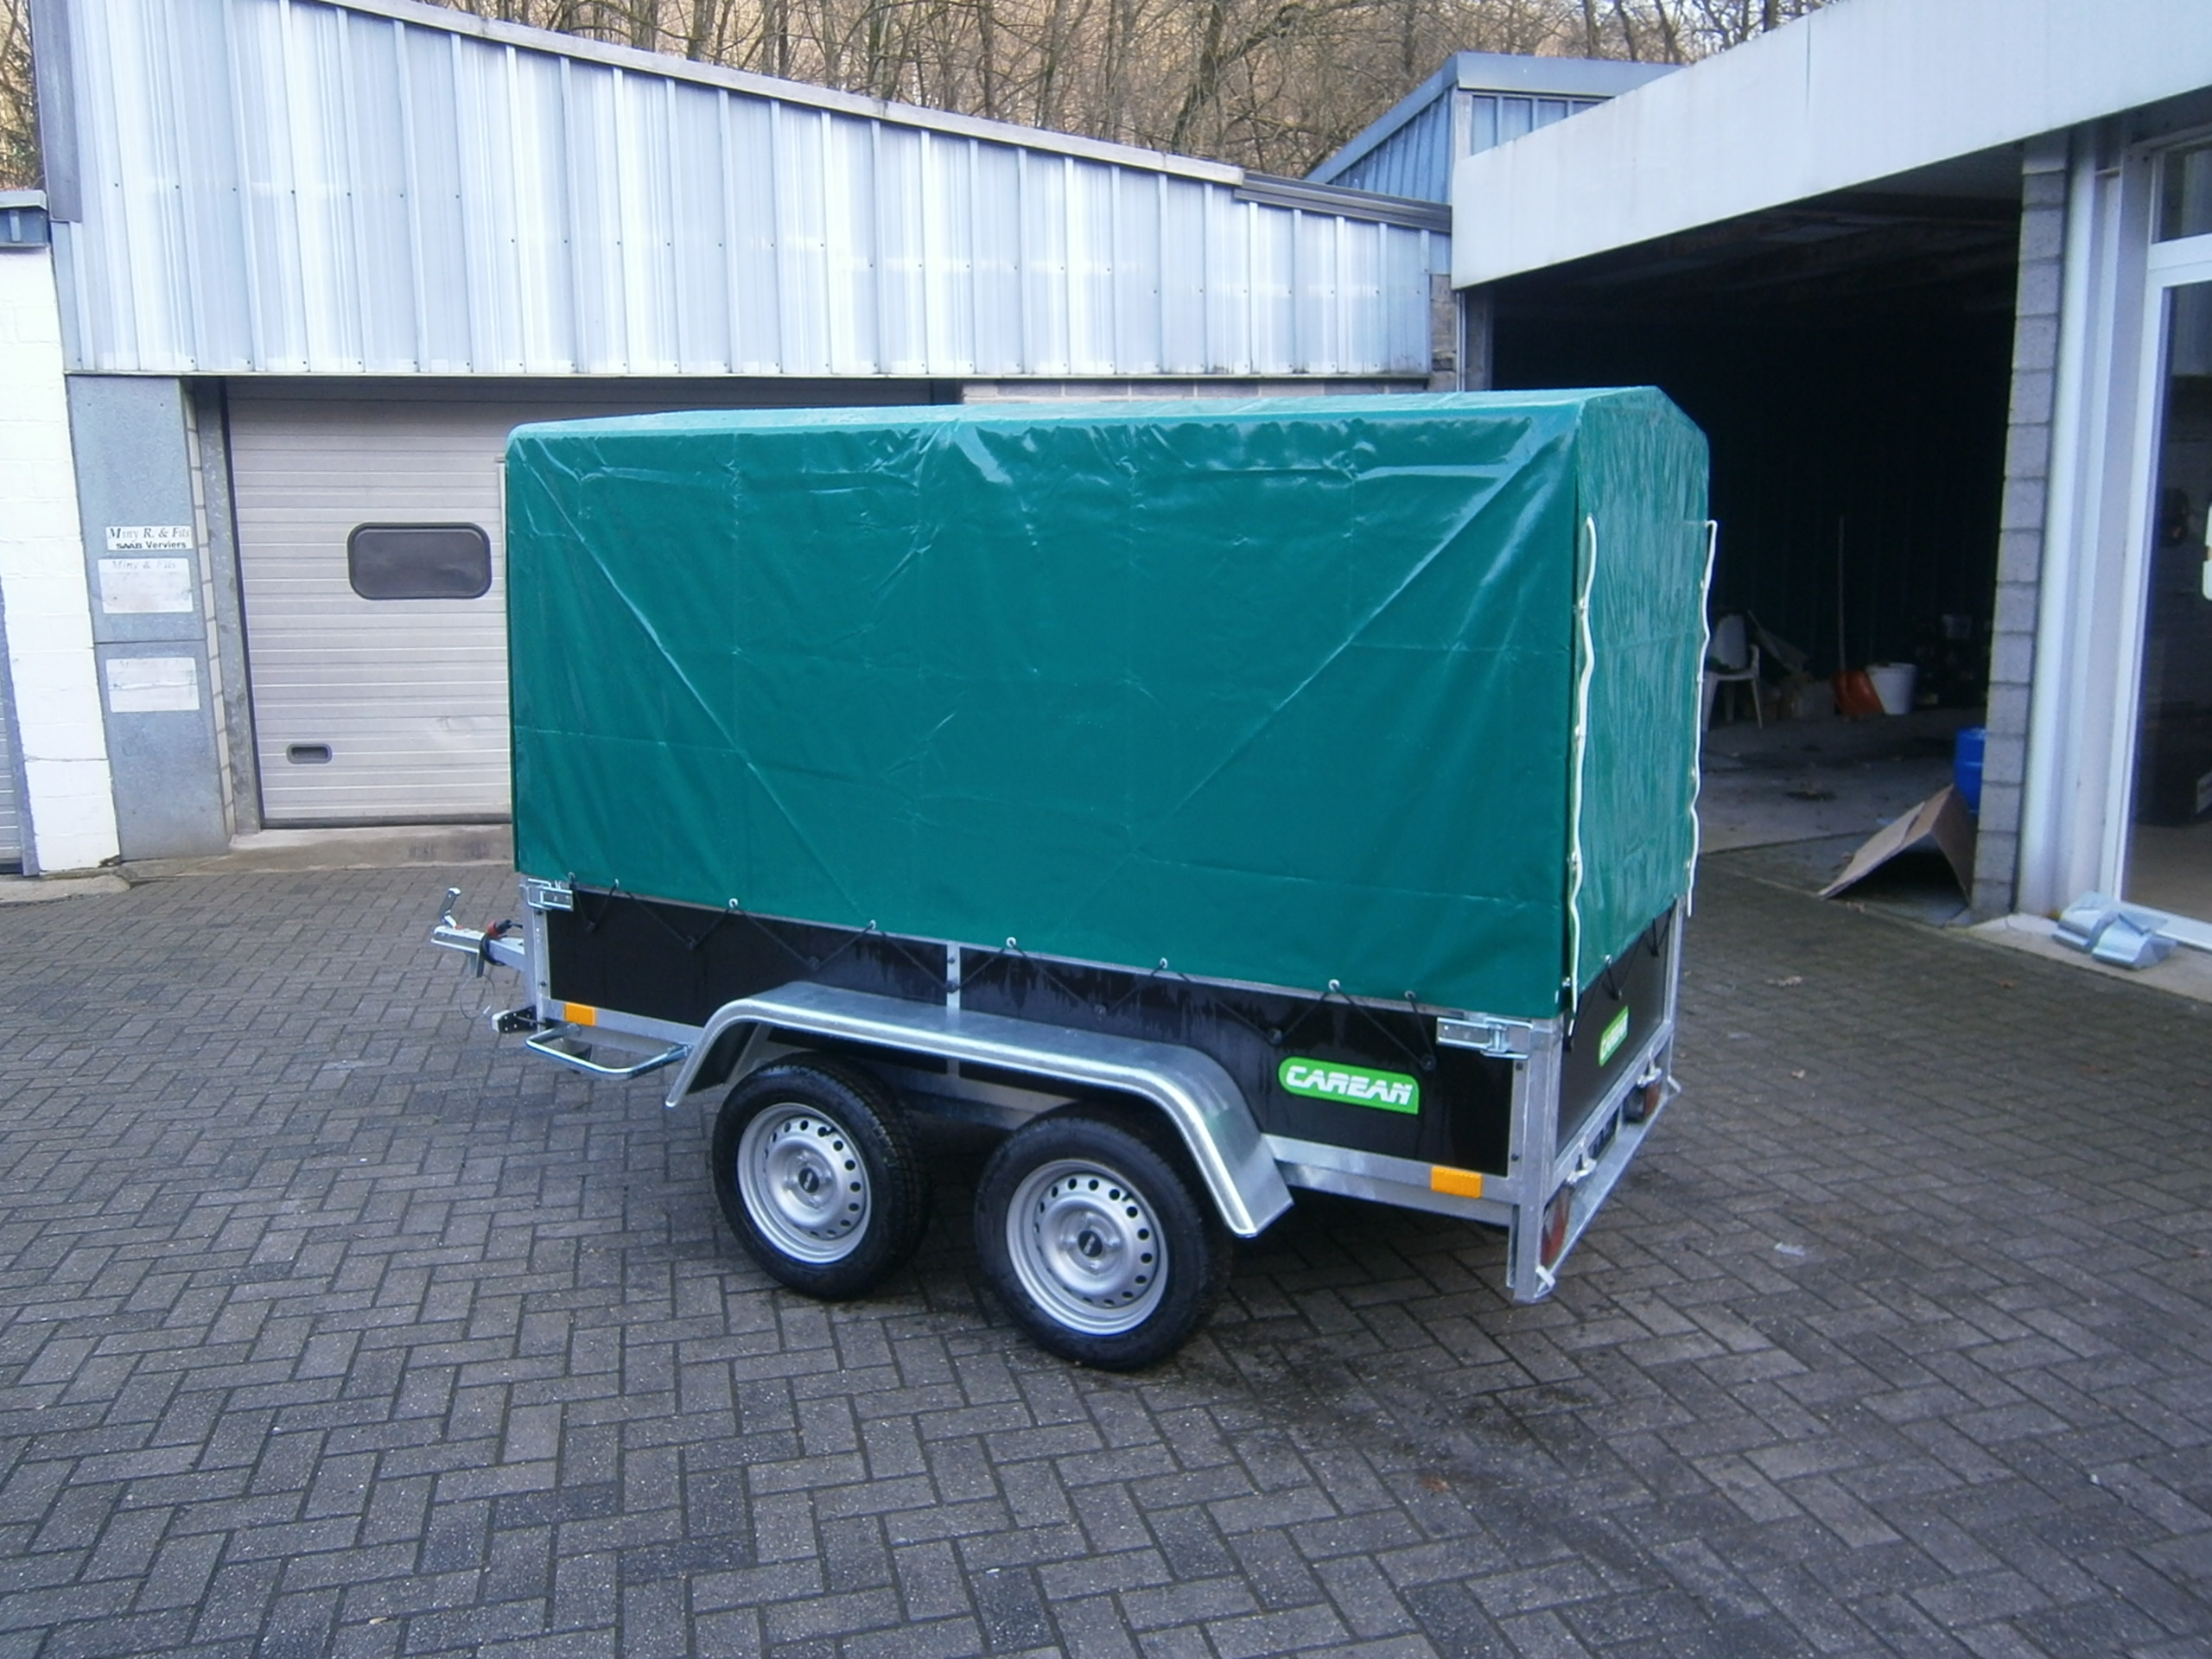 remorque bois 1300 kg 2 essieux frein s 1 hauteur de. Black Bedroom Furniture Sets. Home Design Ideas